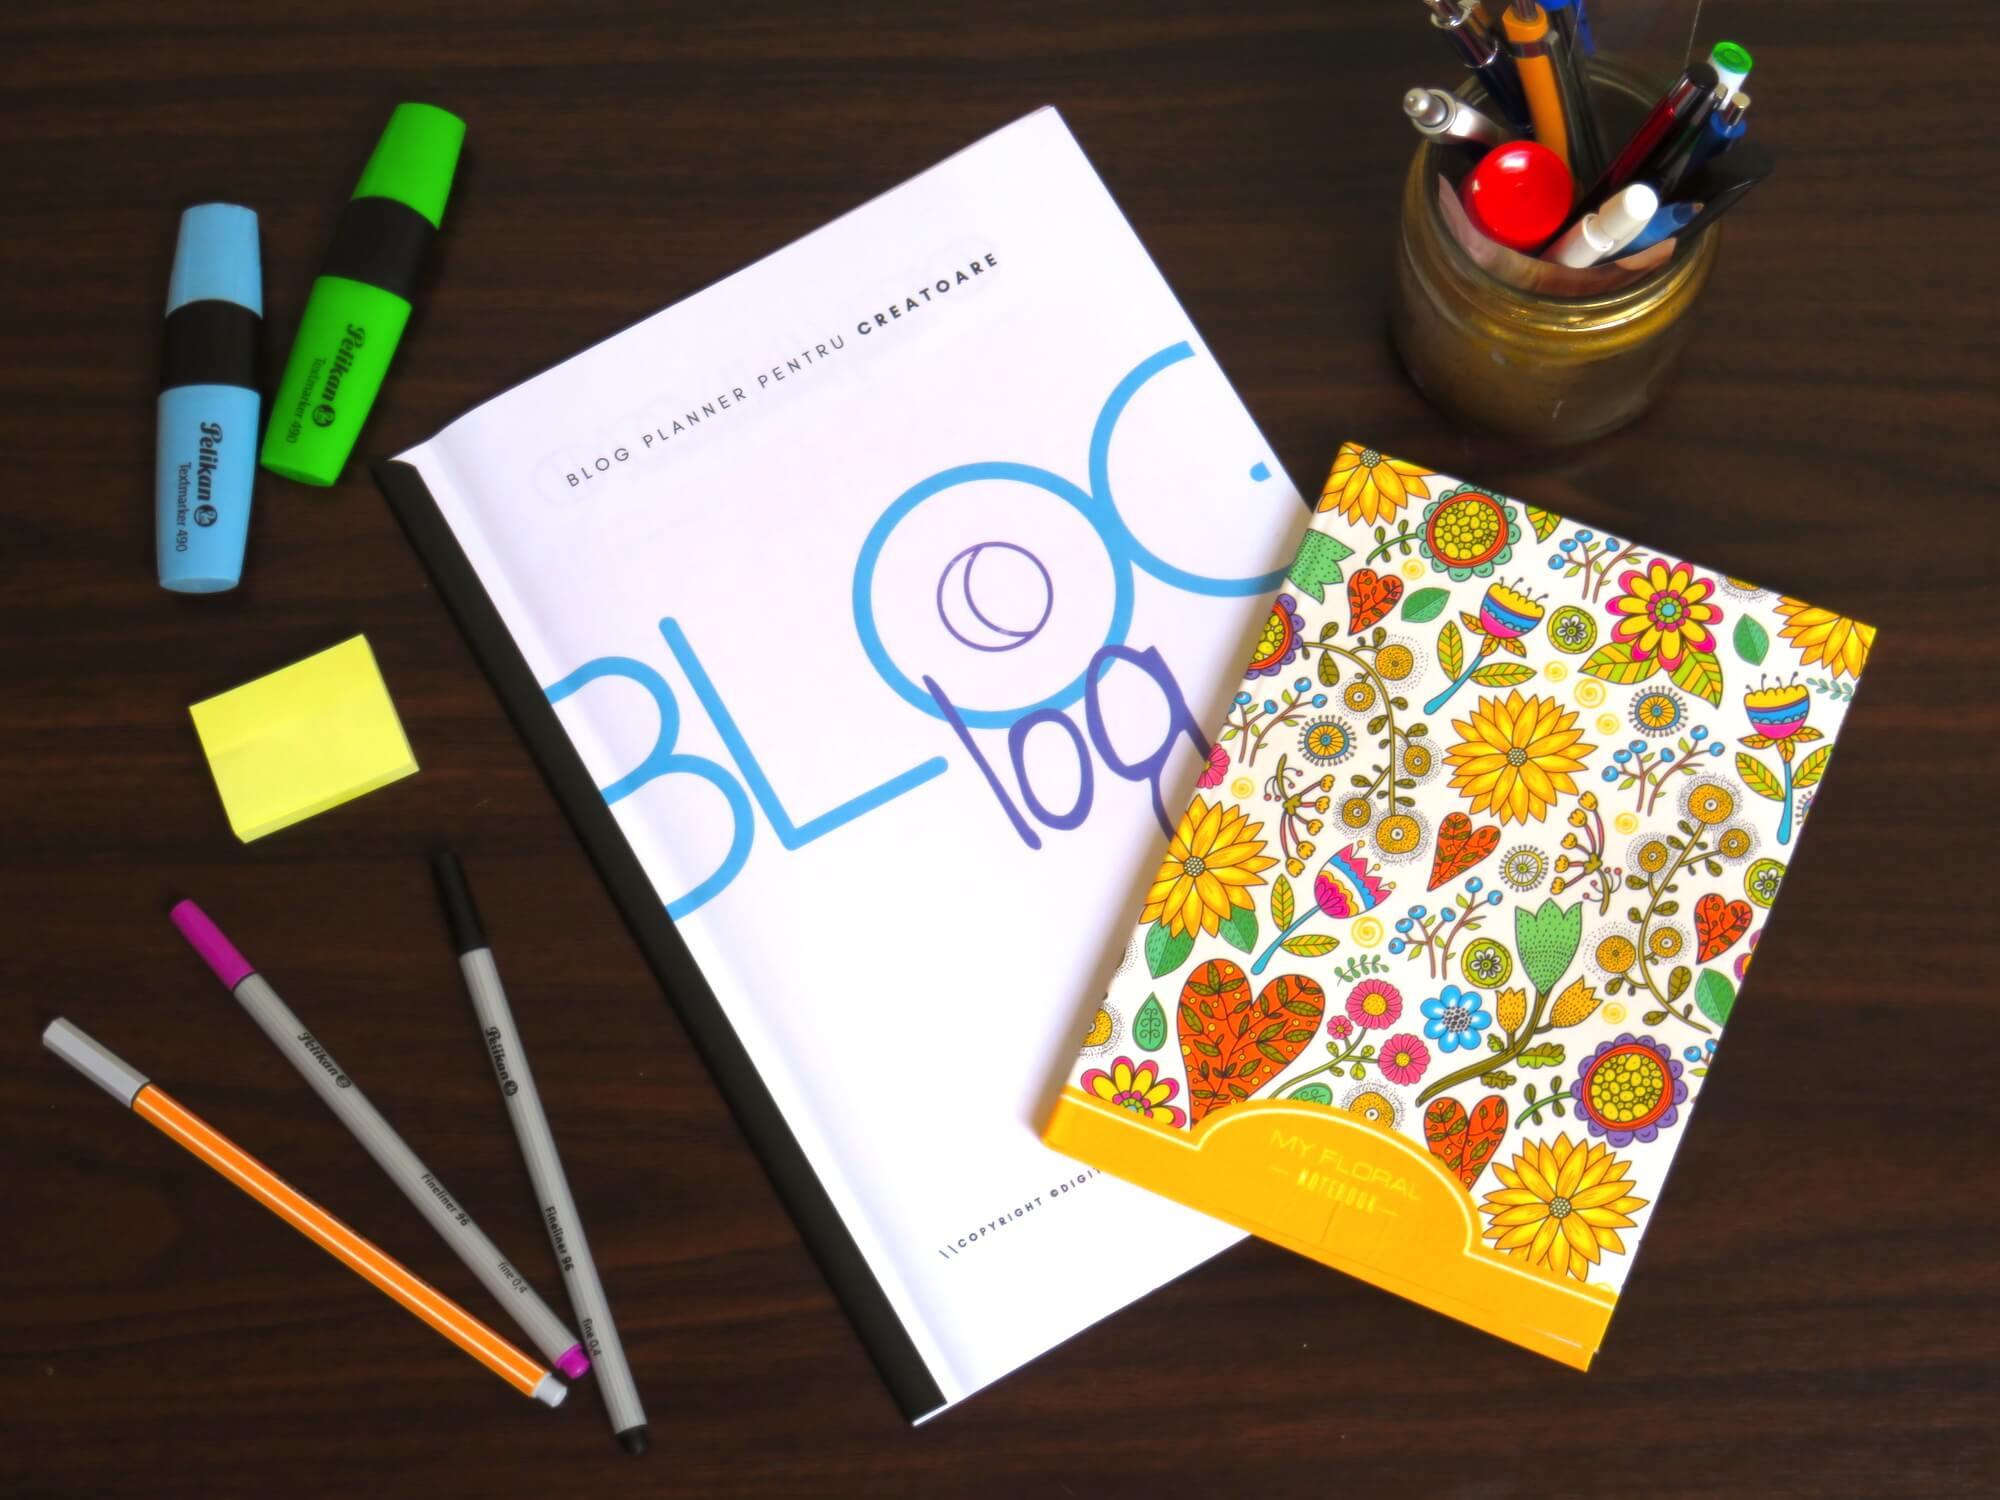 Modalități de organizare: agendă, planner, bullet journal